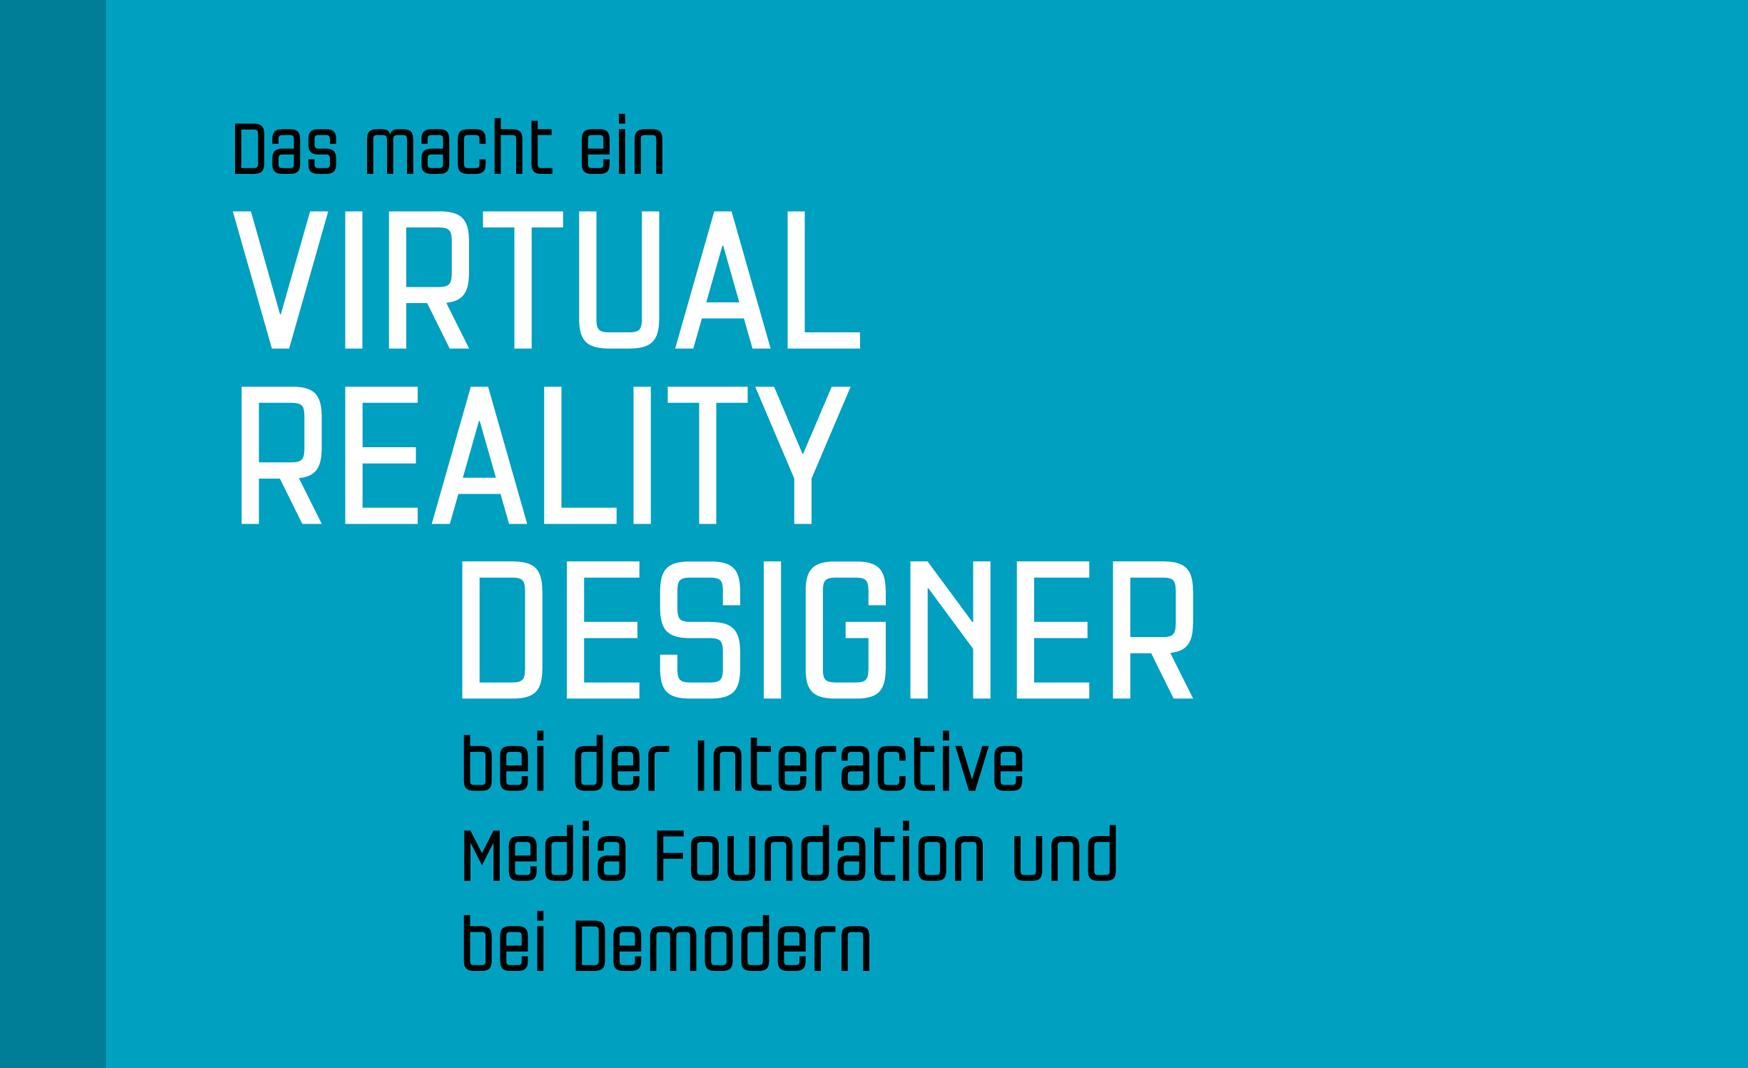 Virtual Reality Design bei der Interactive Media Foundation und Demodern